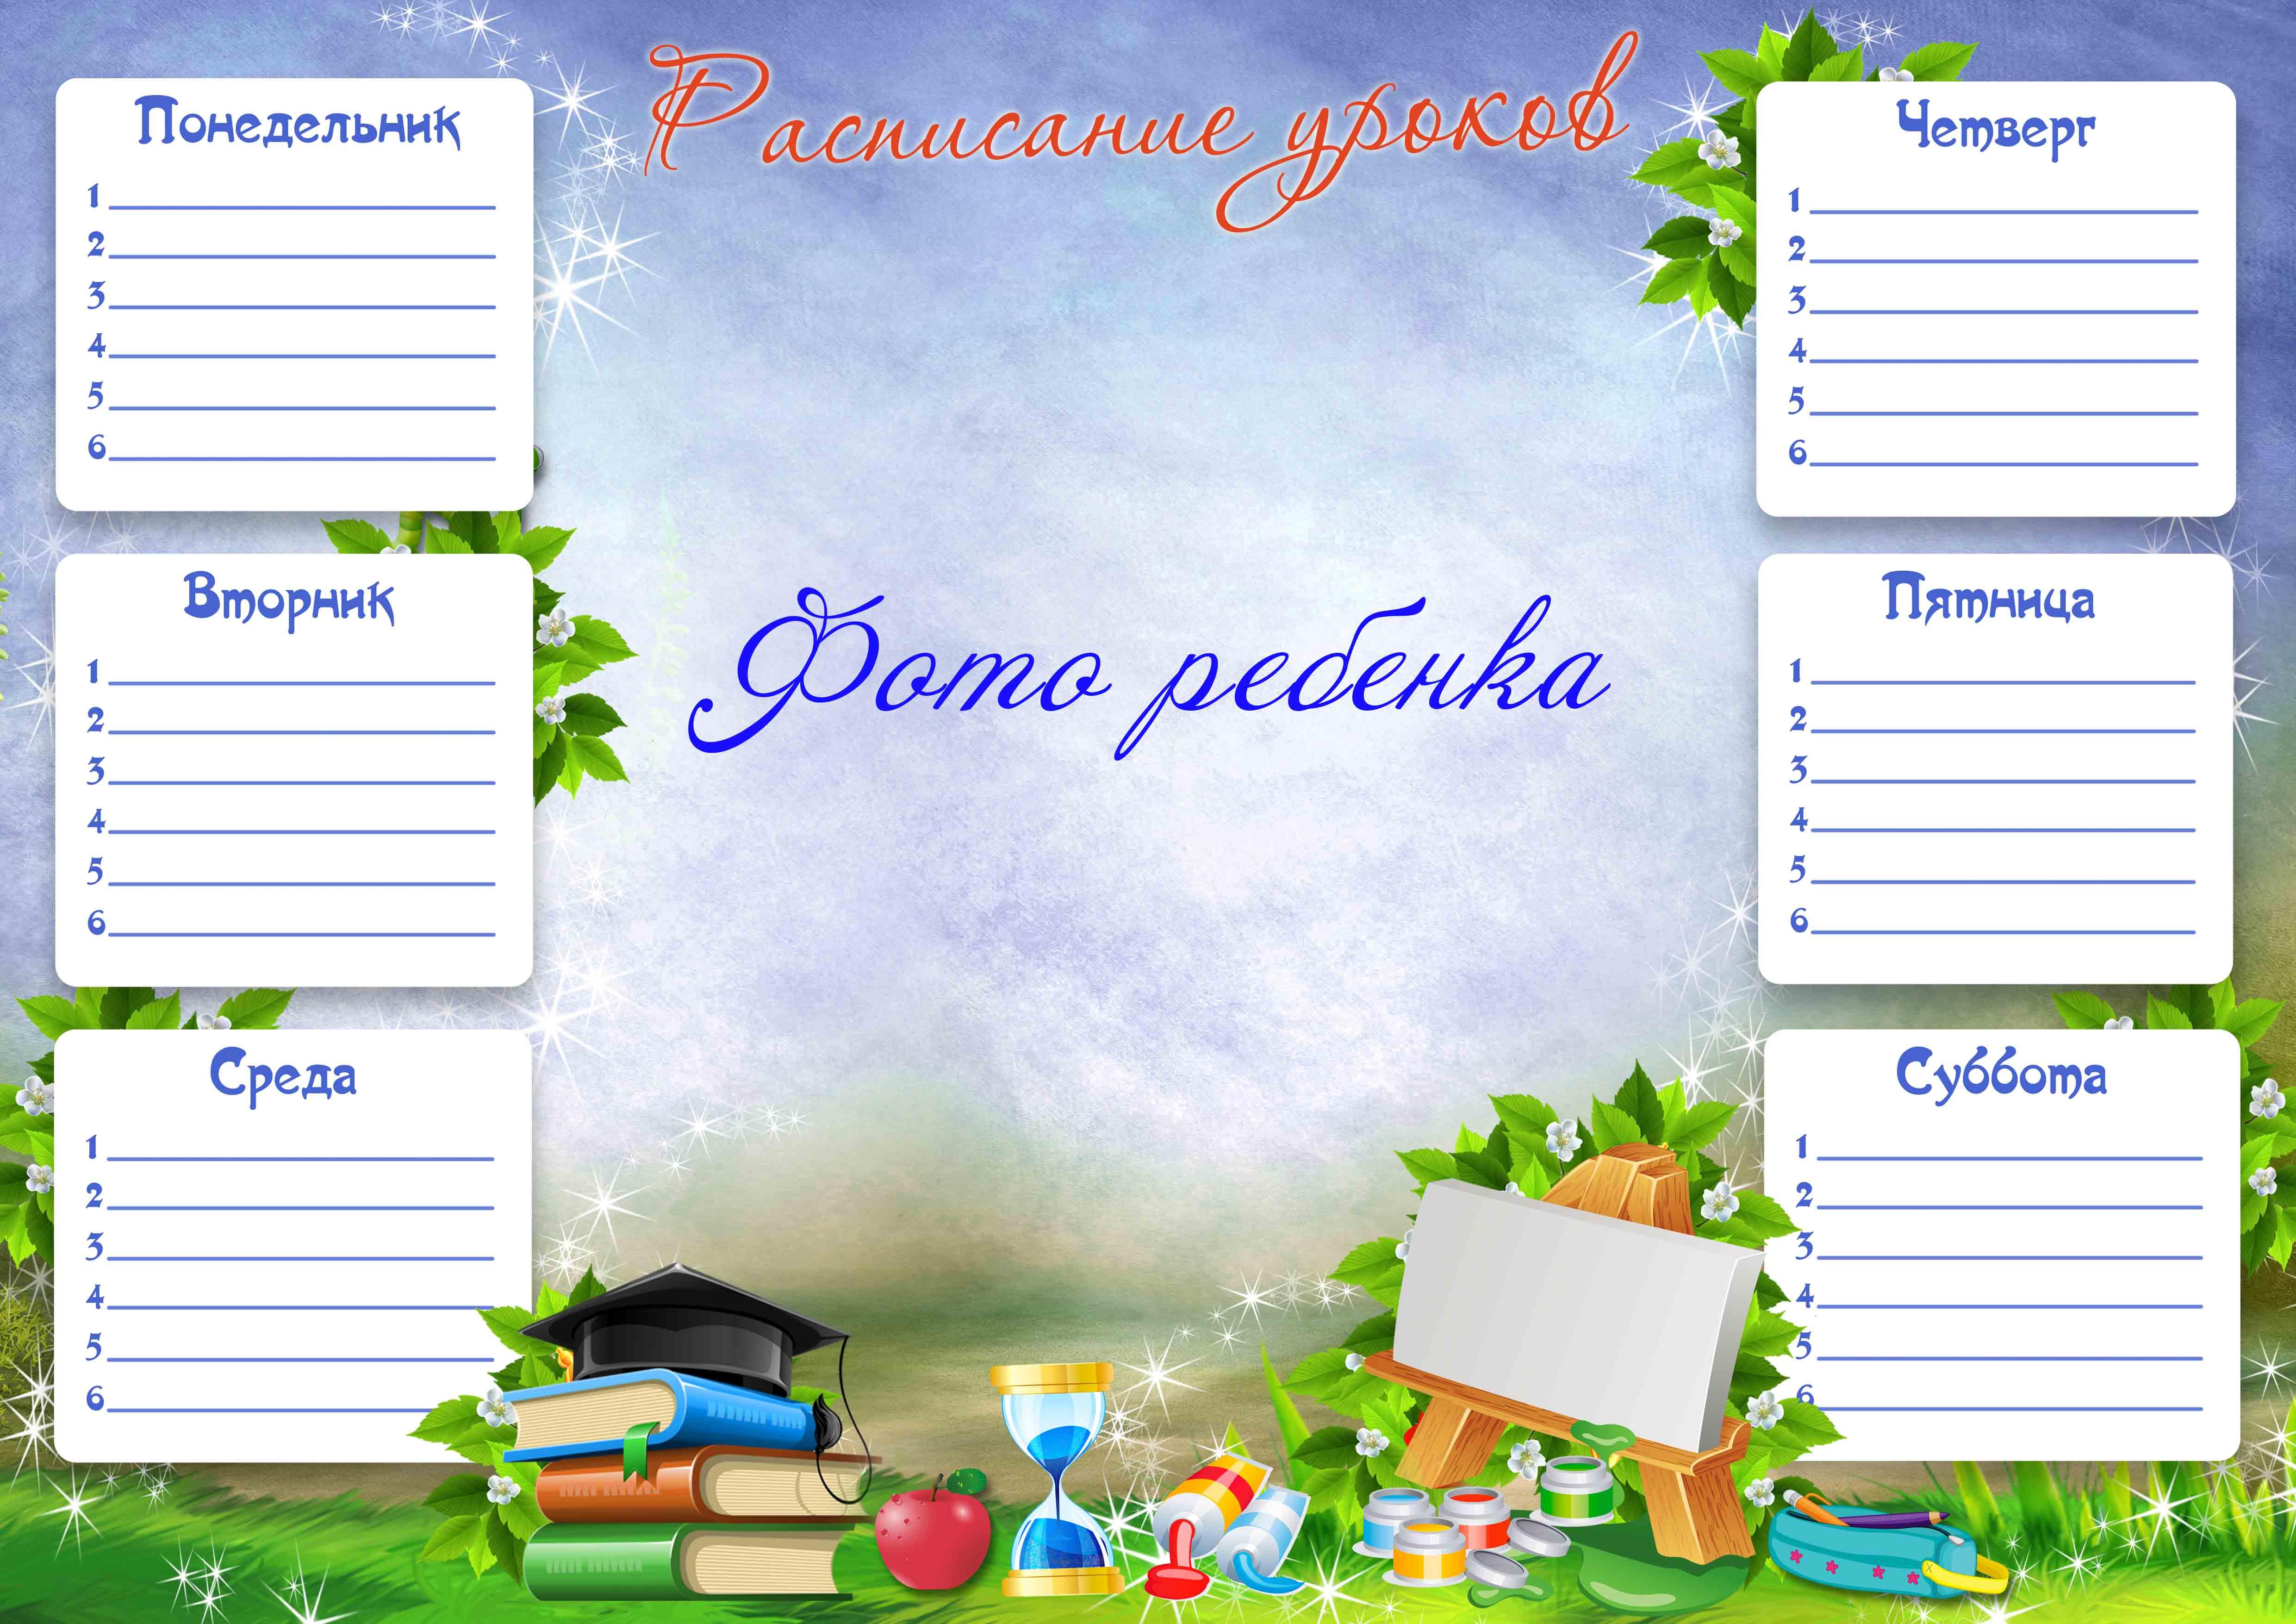 Сбор заказов! Расписание уроков в школу с фото Вашего ребенка/Любимыми героями!